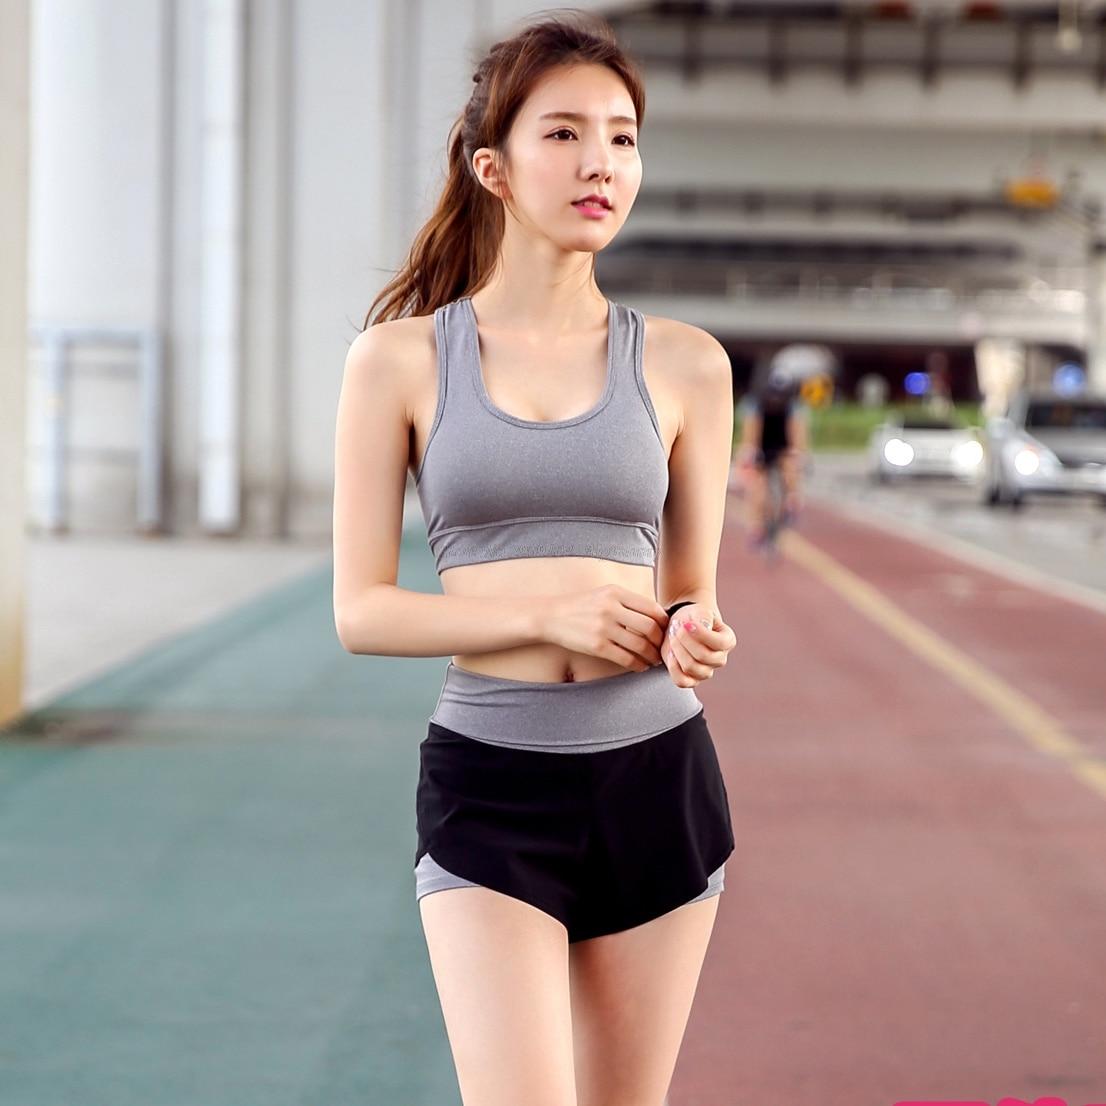 Conjunto de yoga para mujeres sexy (compresas push up deportivos y - Ropa deportiva y accesorios